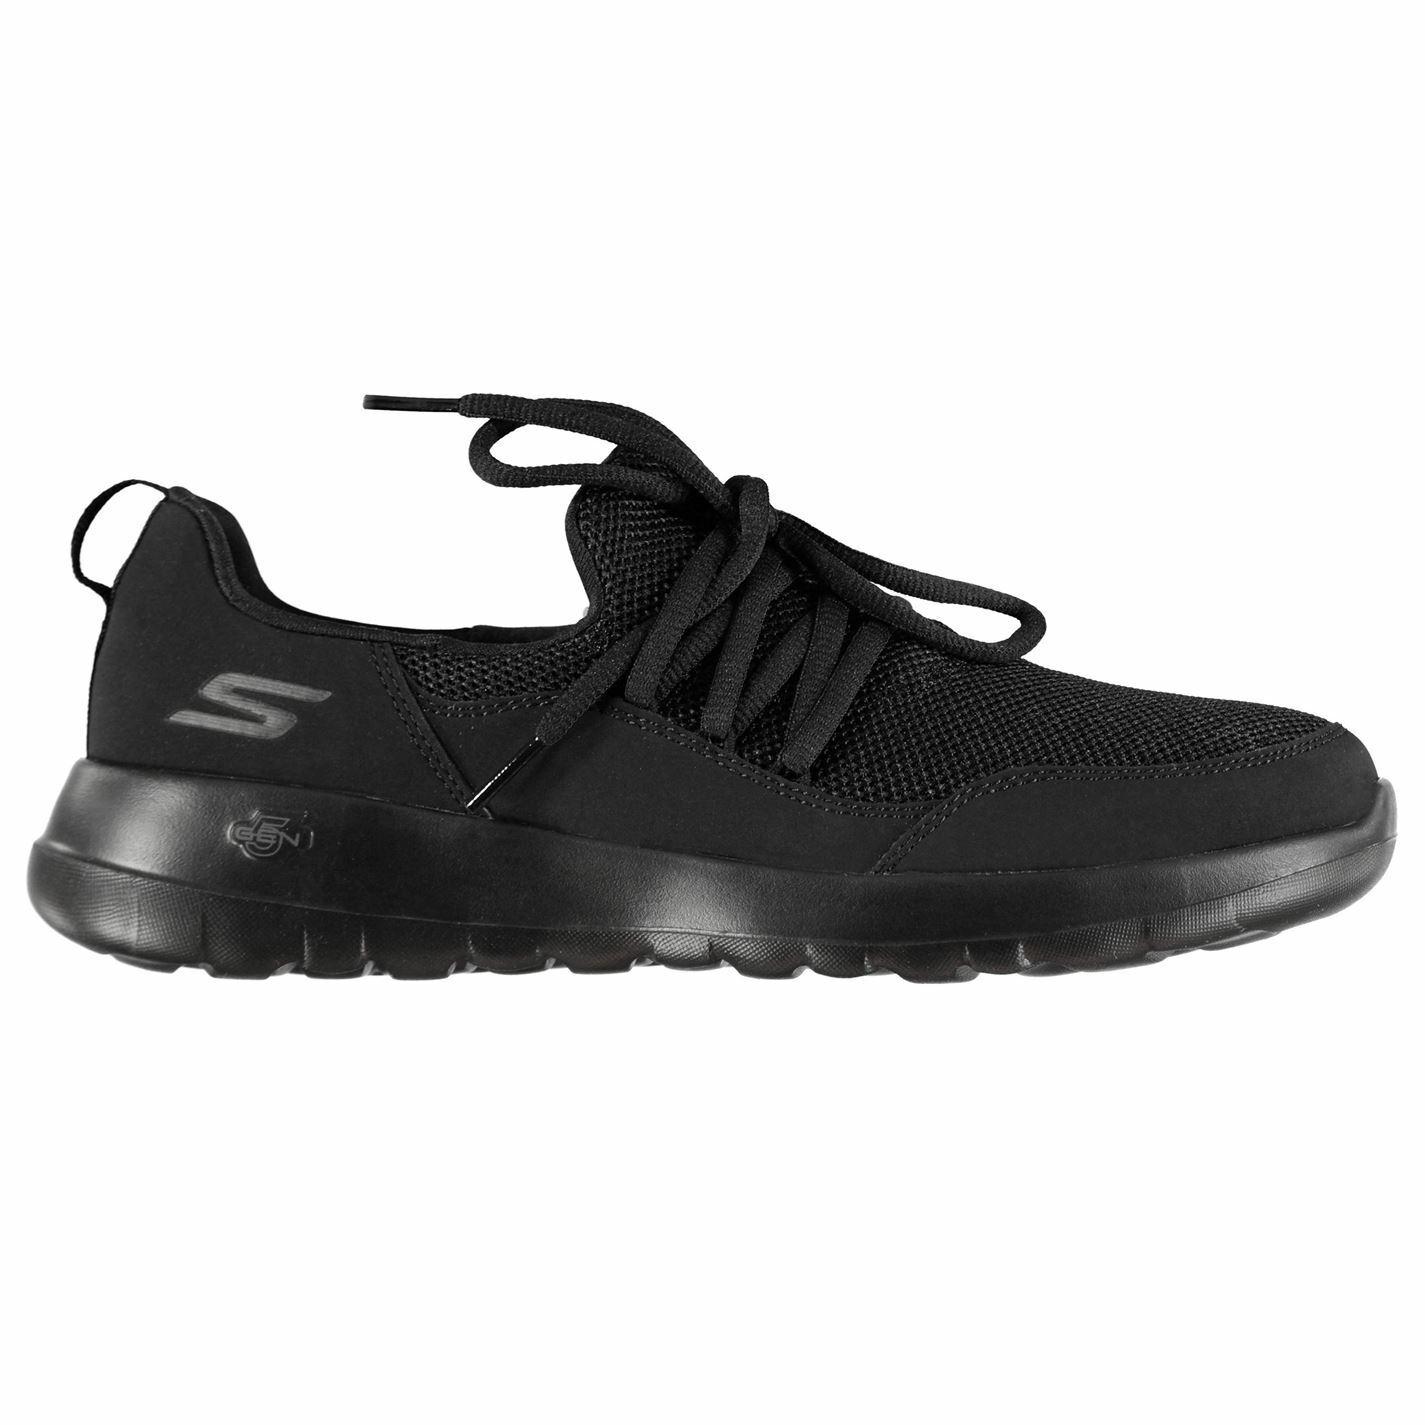 Skechers Women GoWalk Joy L L94 Runners Sports shoes Sneakers